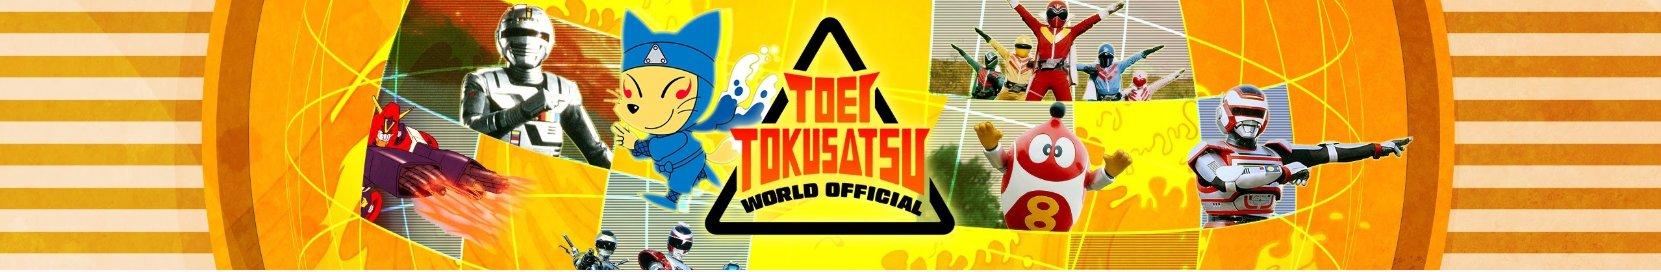 Toei Tokusatsu: canal de clássicos do estúdio estreia oficialmente ...